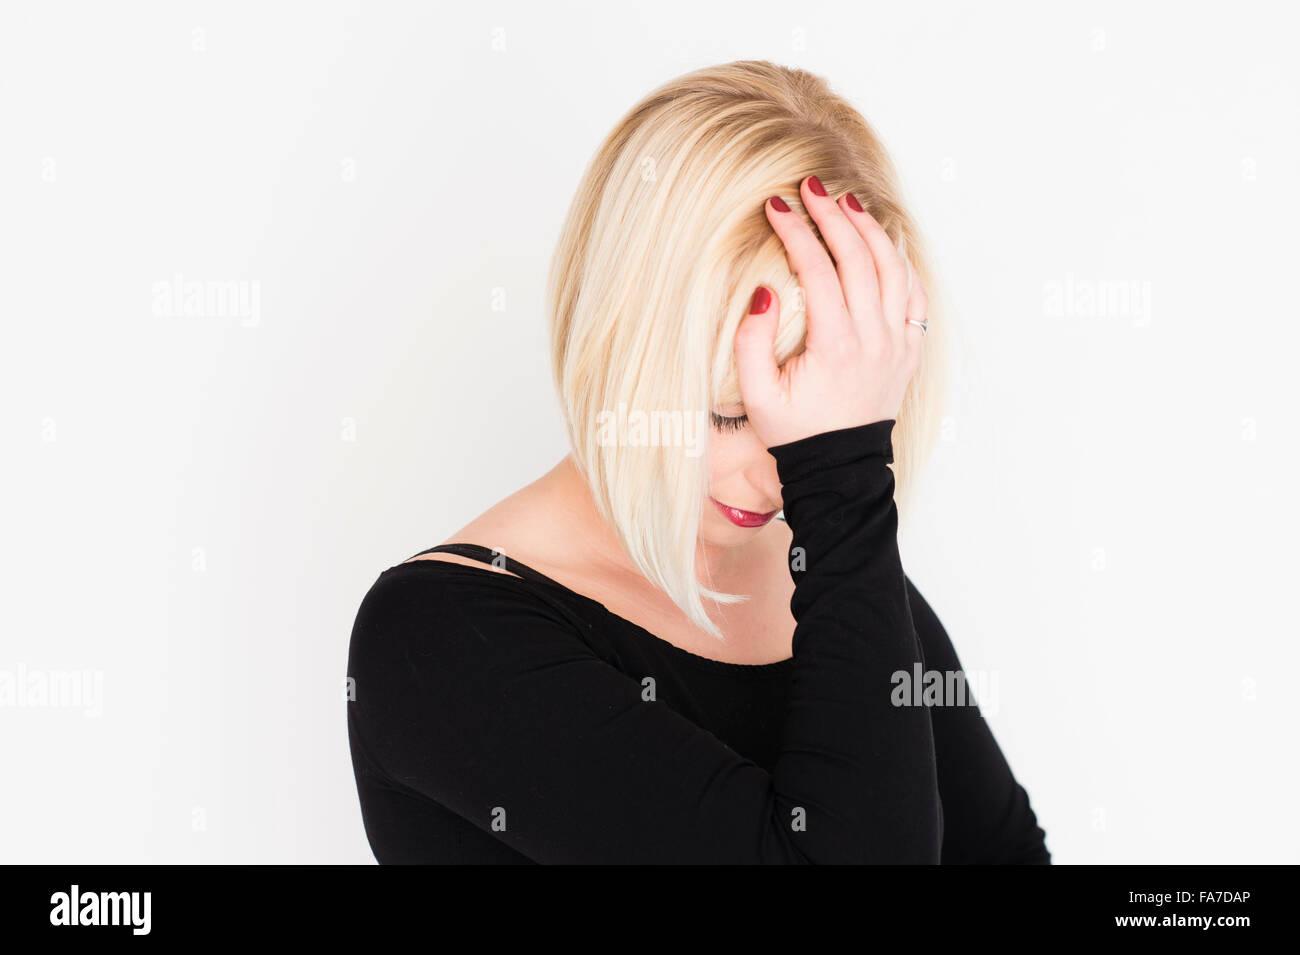 Un giovane slim bionda bionda dai capelli donna ragazza triste sconvolto infelice sconvolto il lutto orbata premuto Immagini Stock